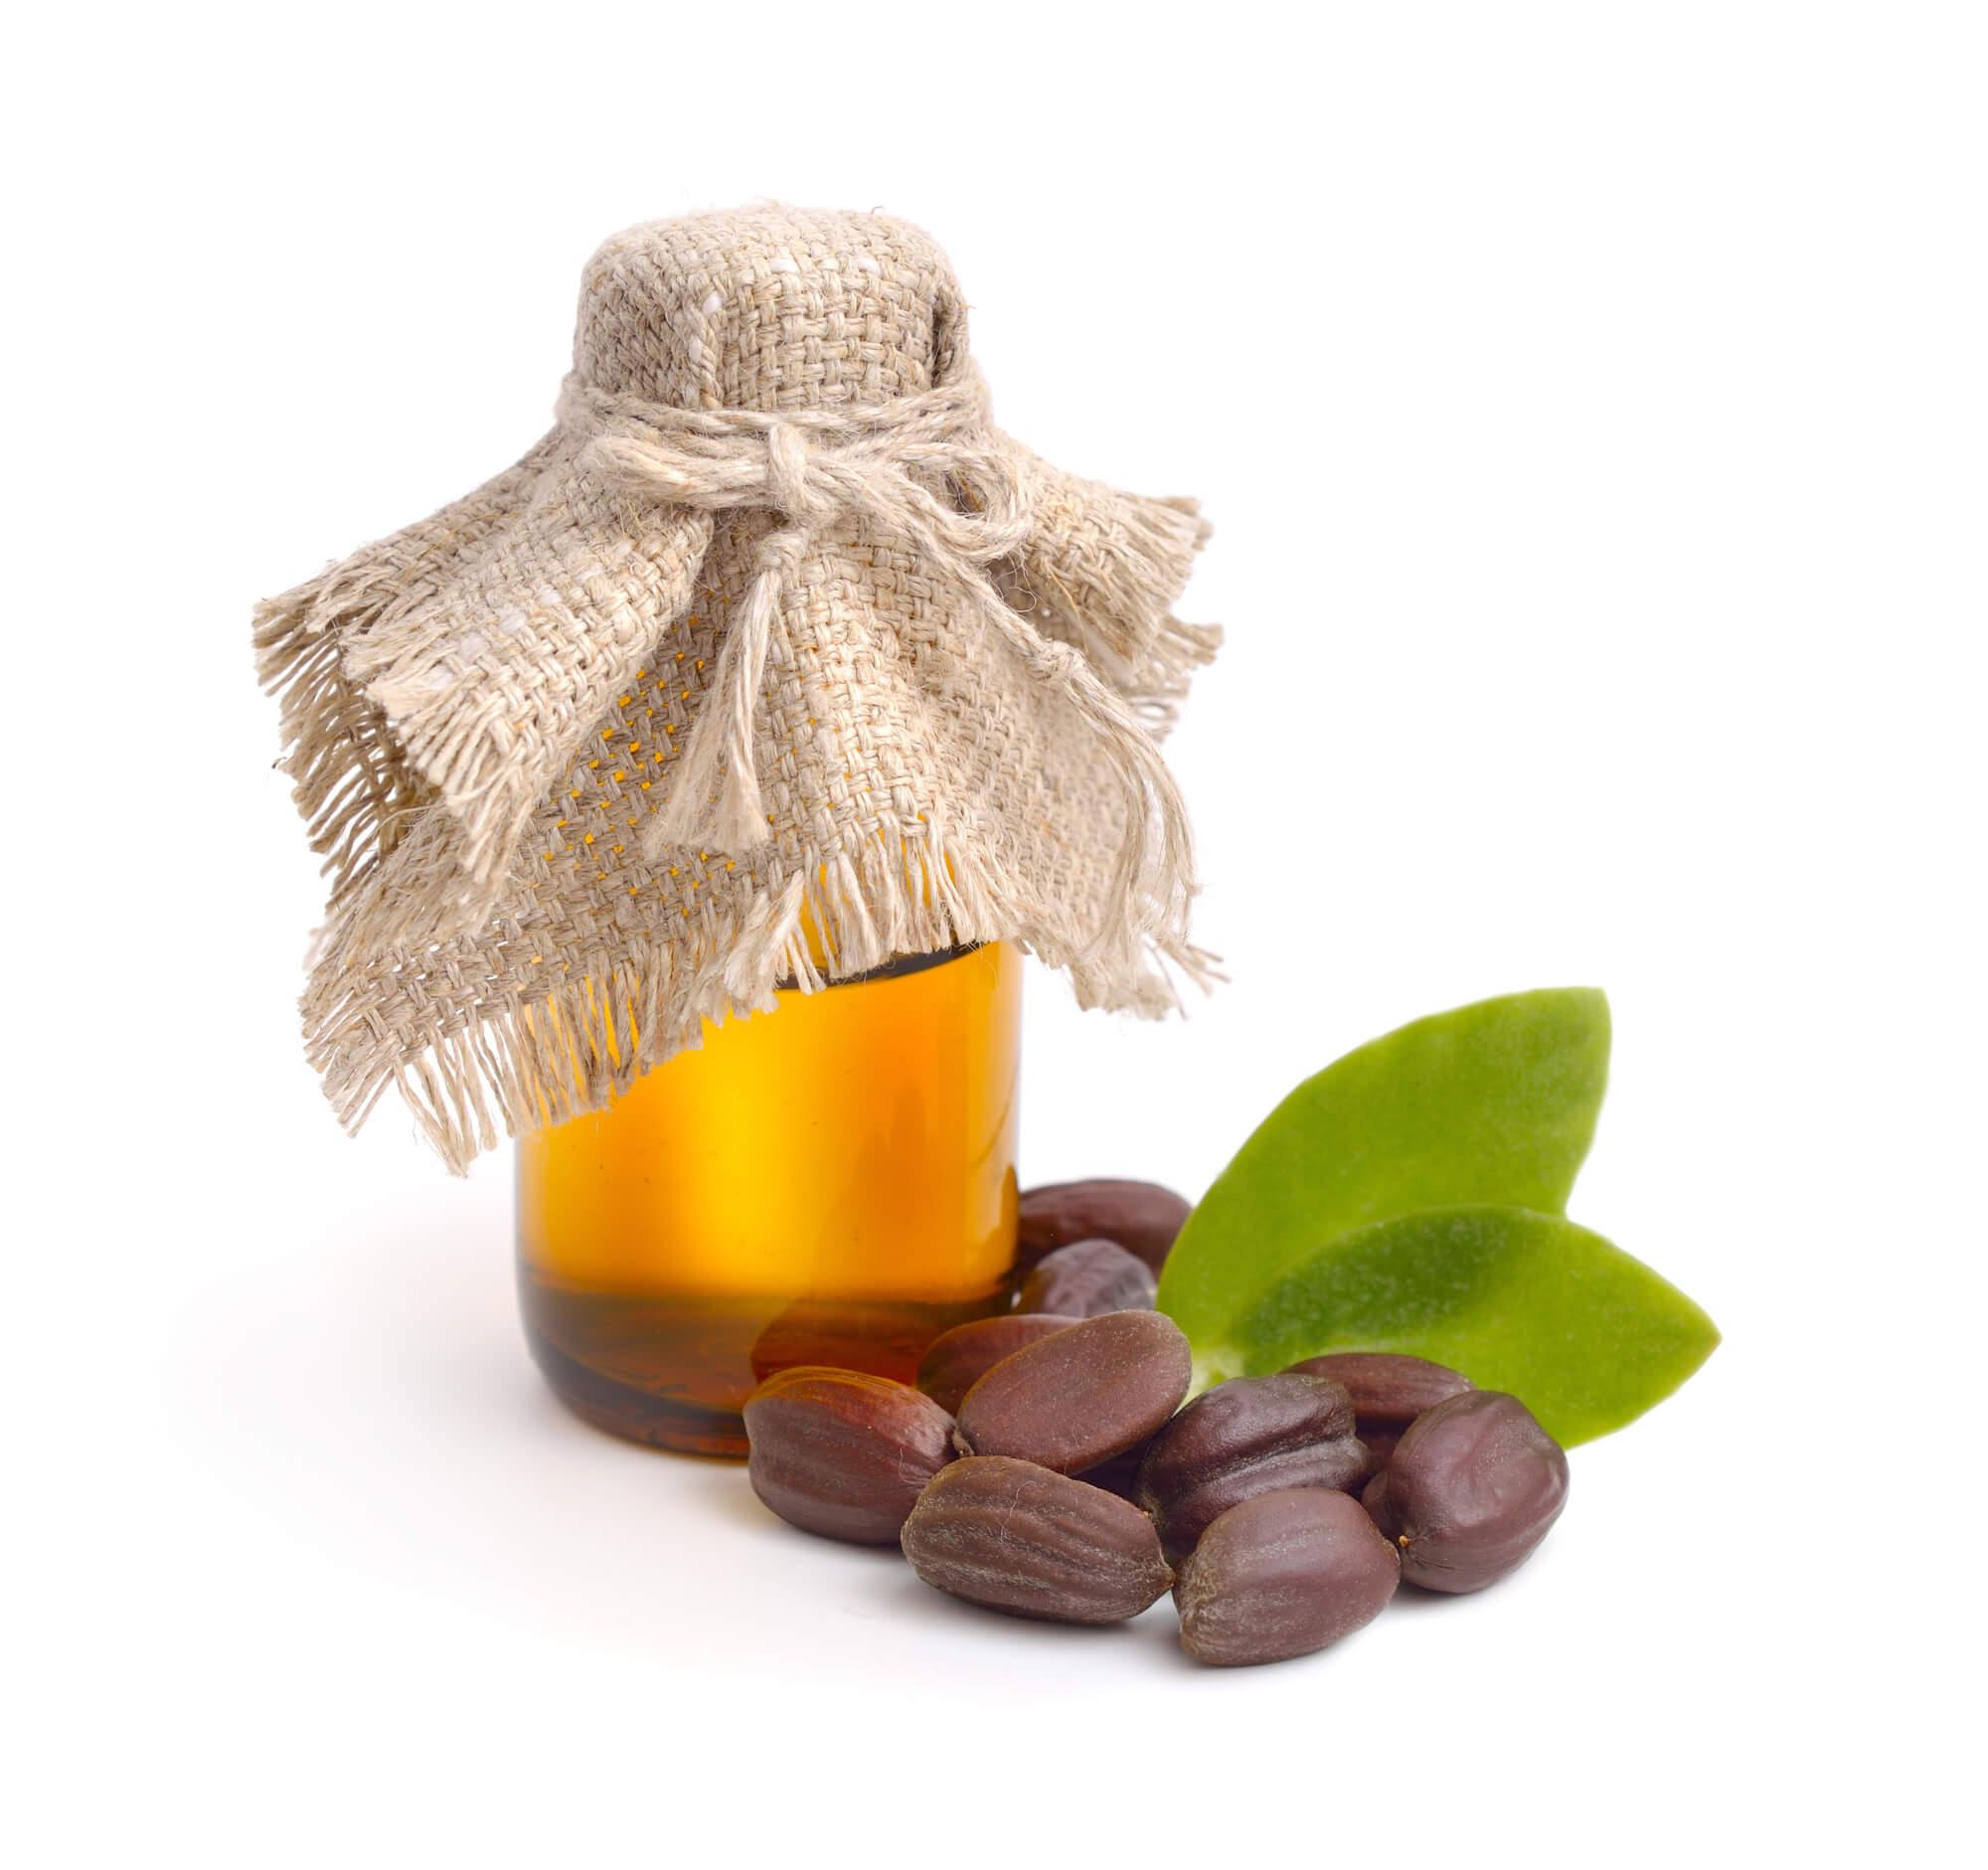 A bottle of jojoba oil next to jojoba seeds